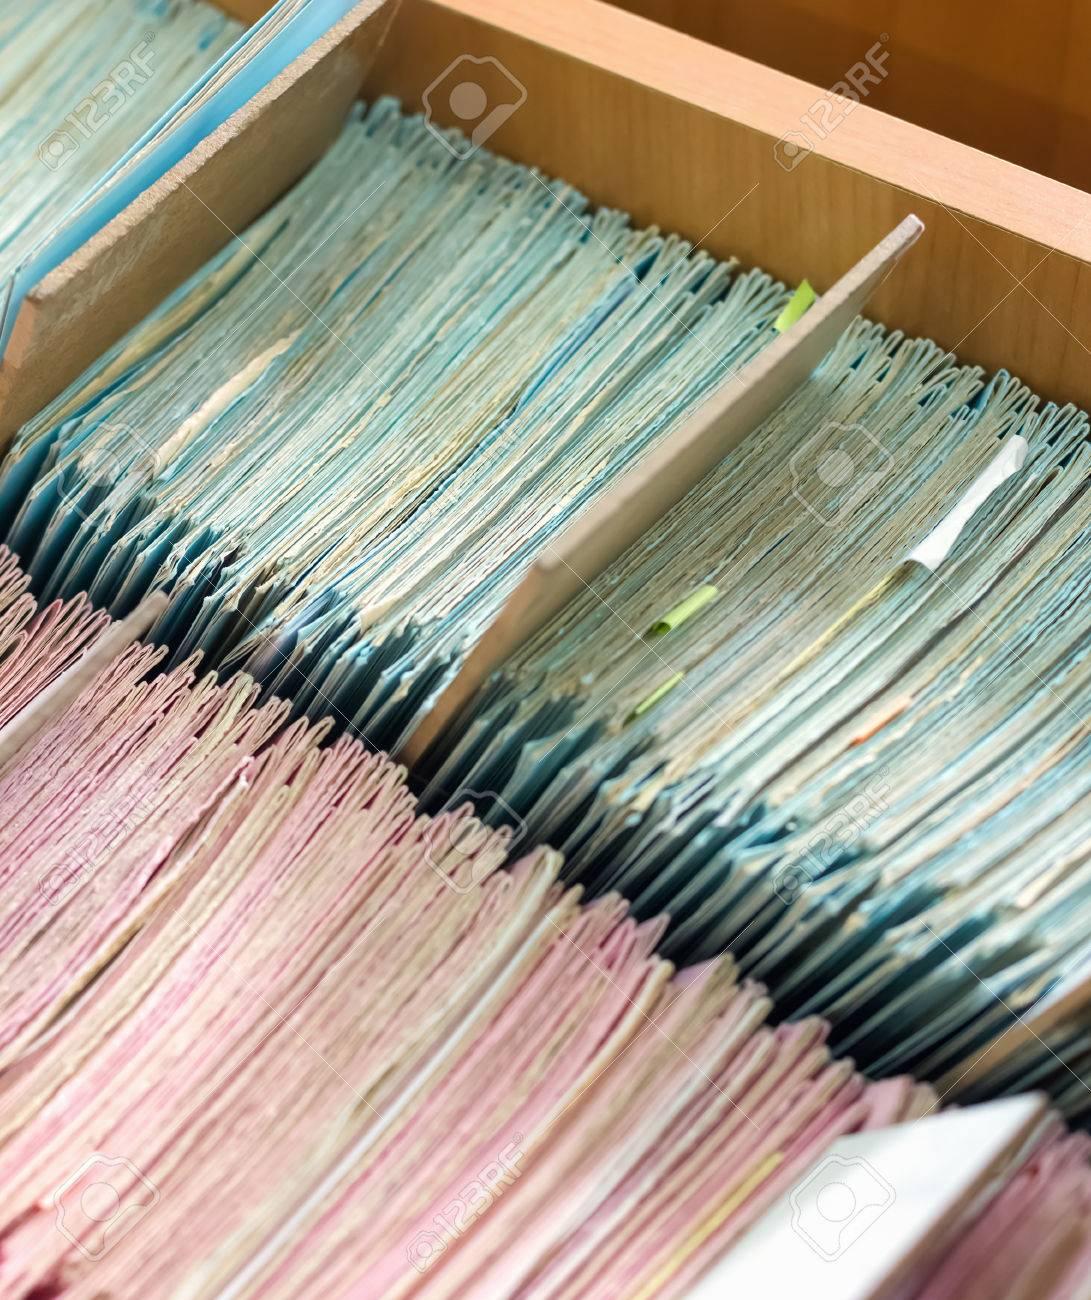 banque d images dossiers de fichiers dans un classeur le catalogue de la carte dans une bibliotheque gros plan